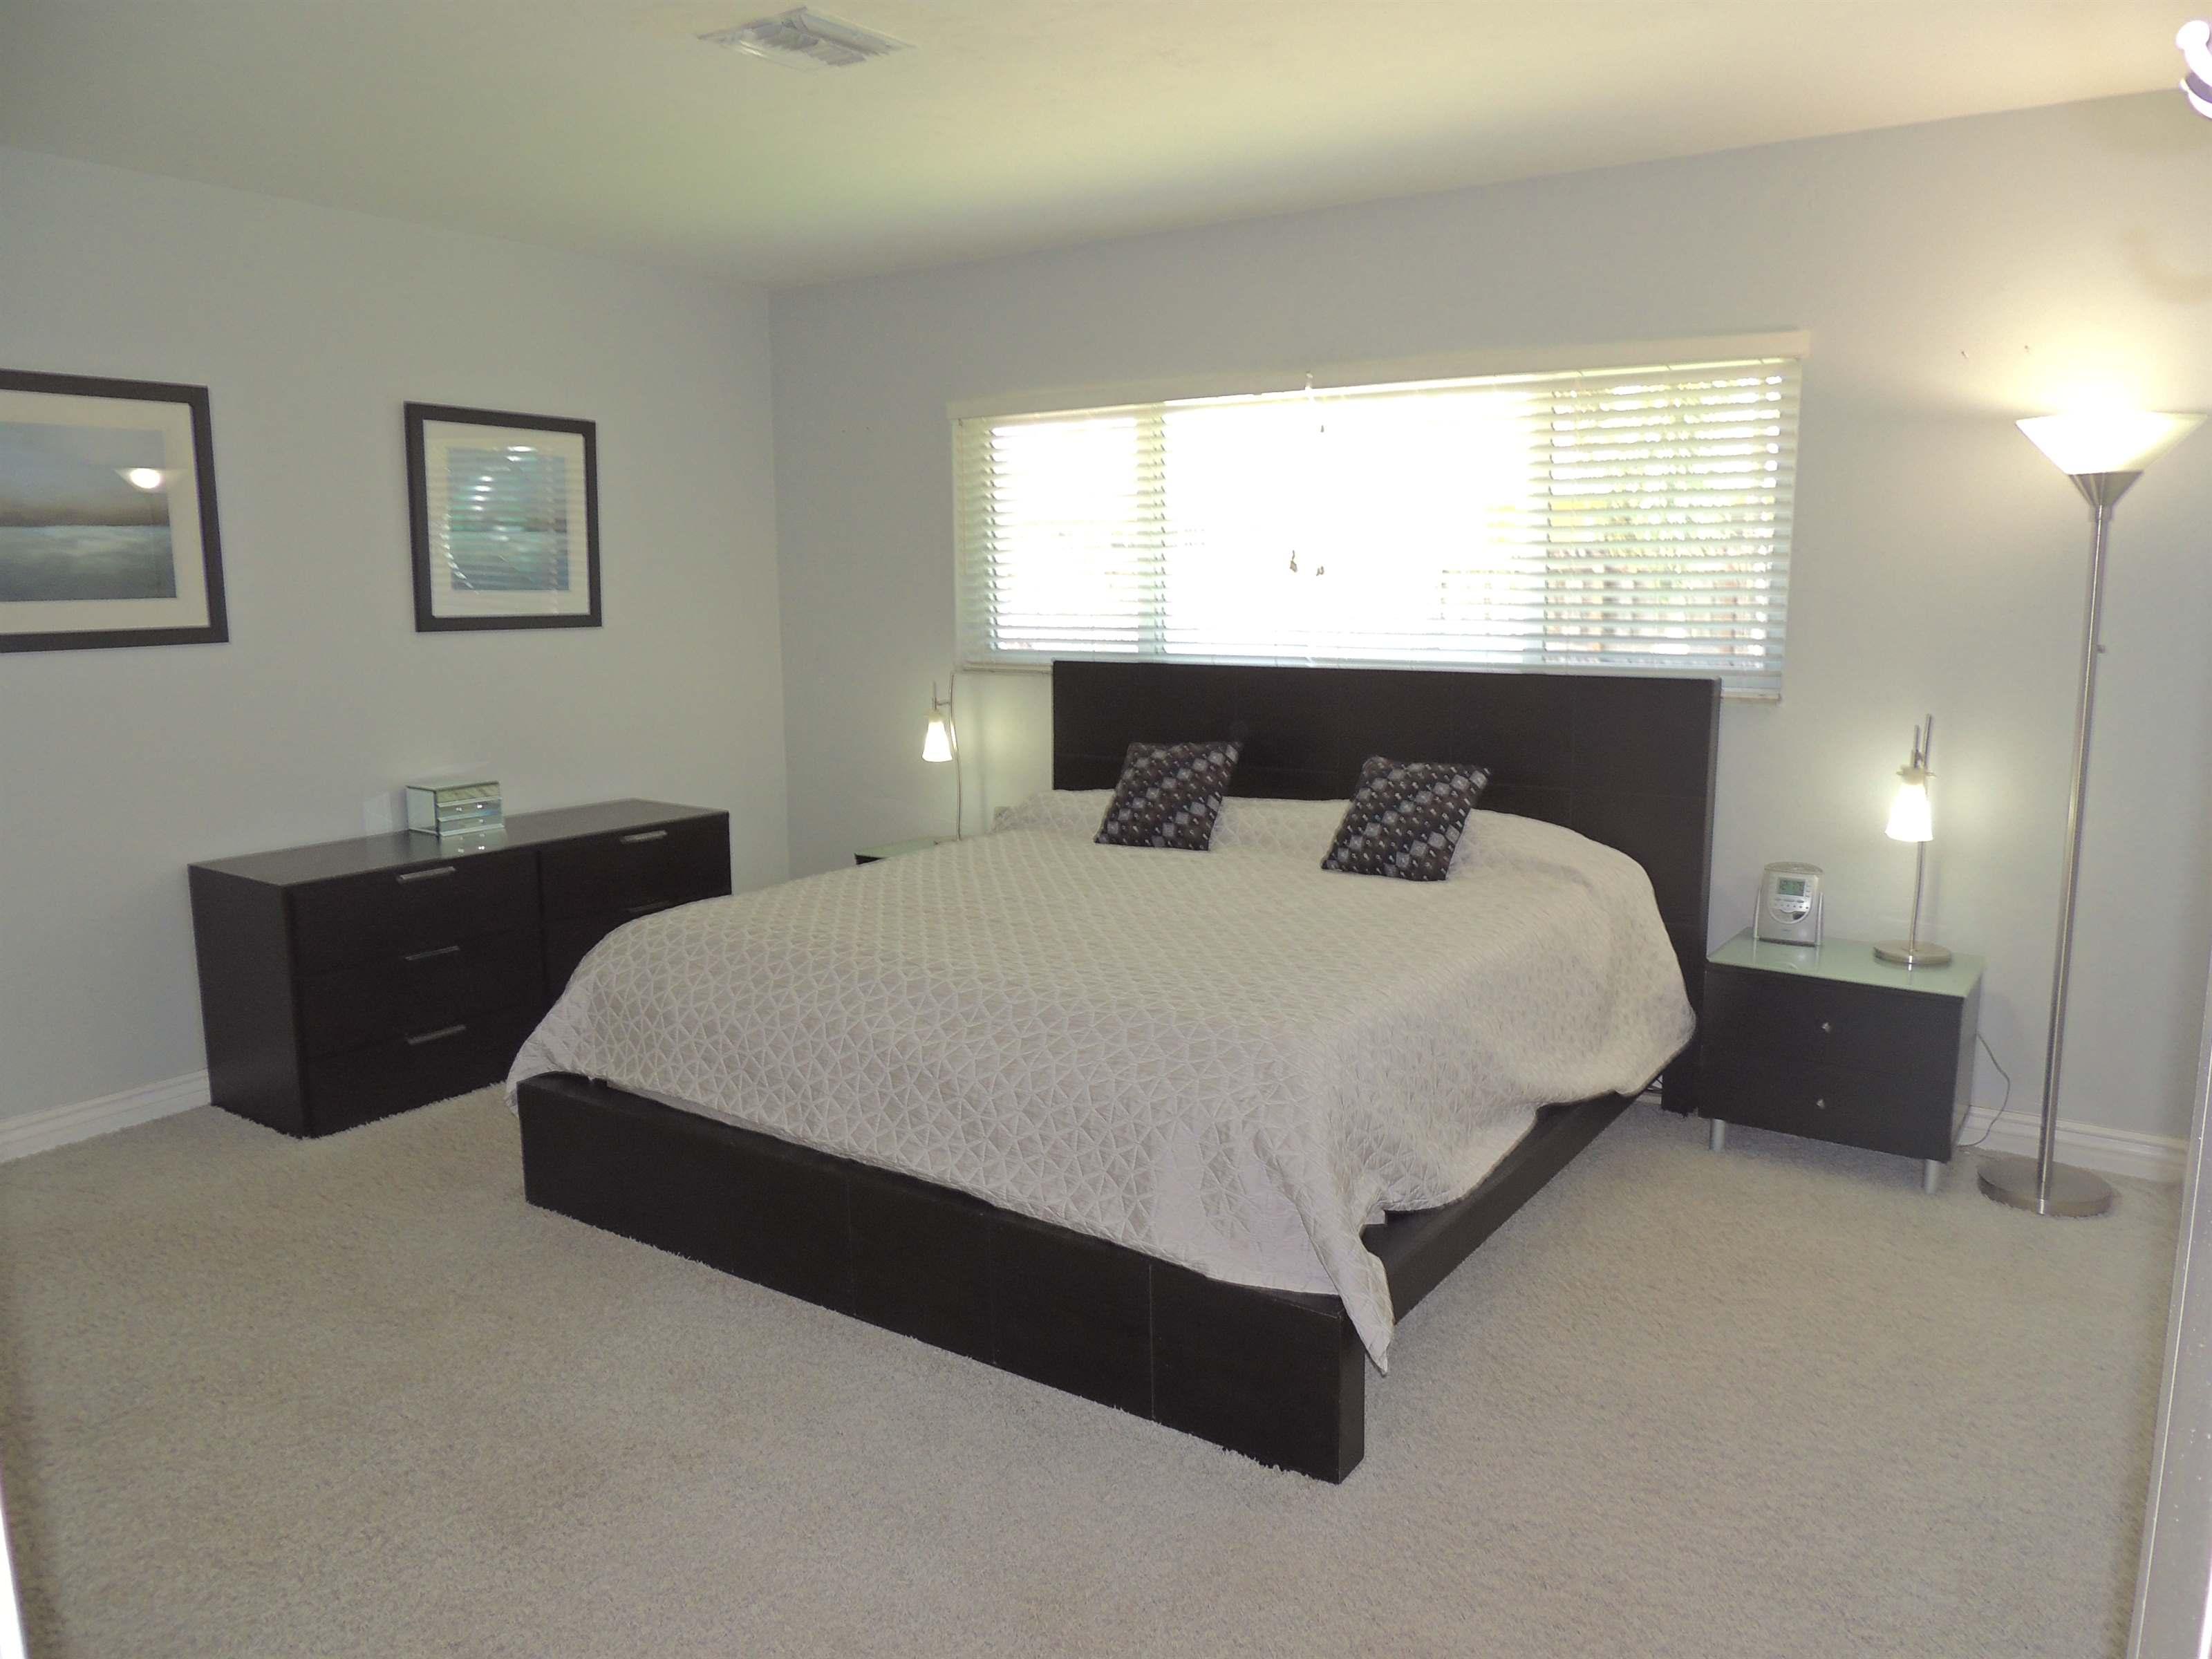 2709 NE 33rd St, Fort Lauderdale, FL 33306